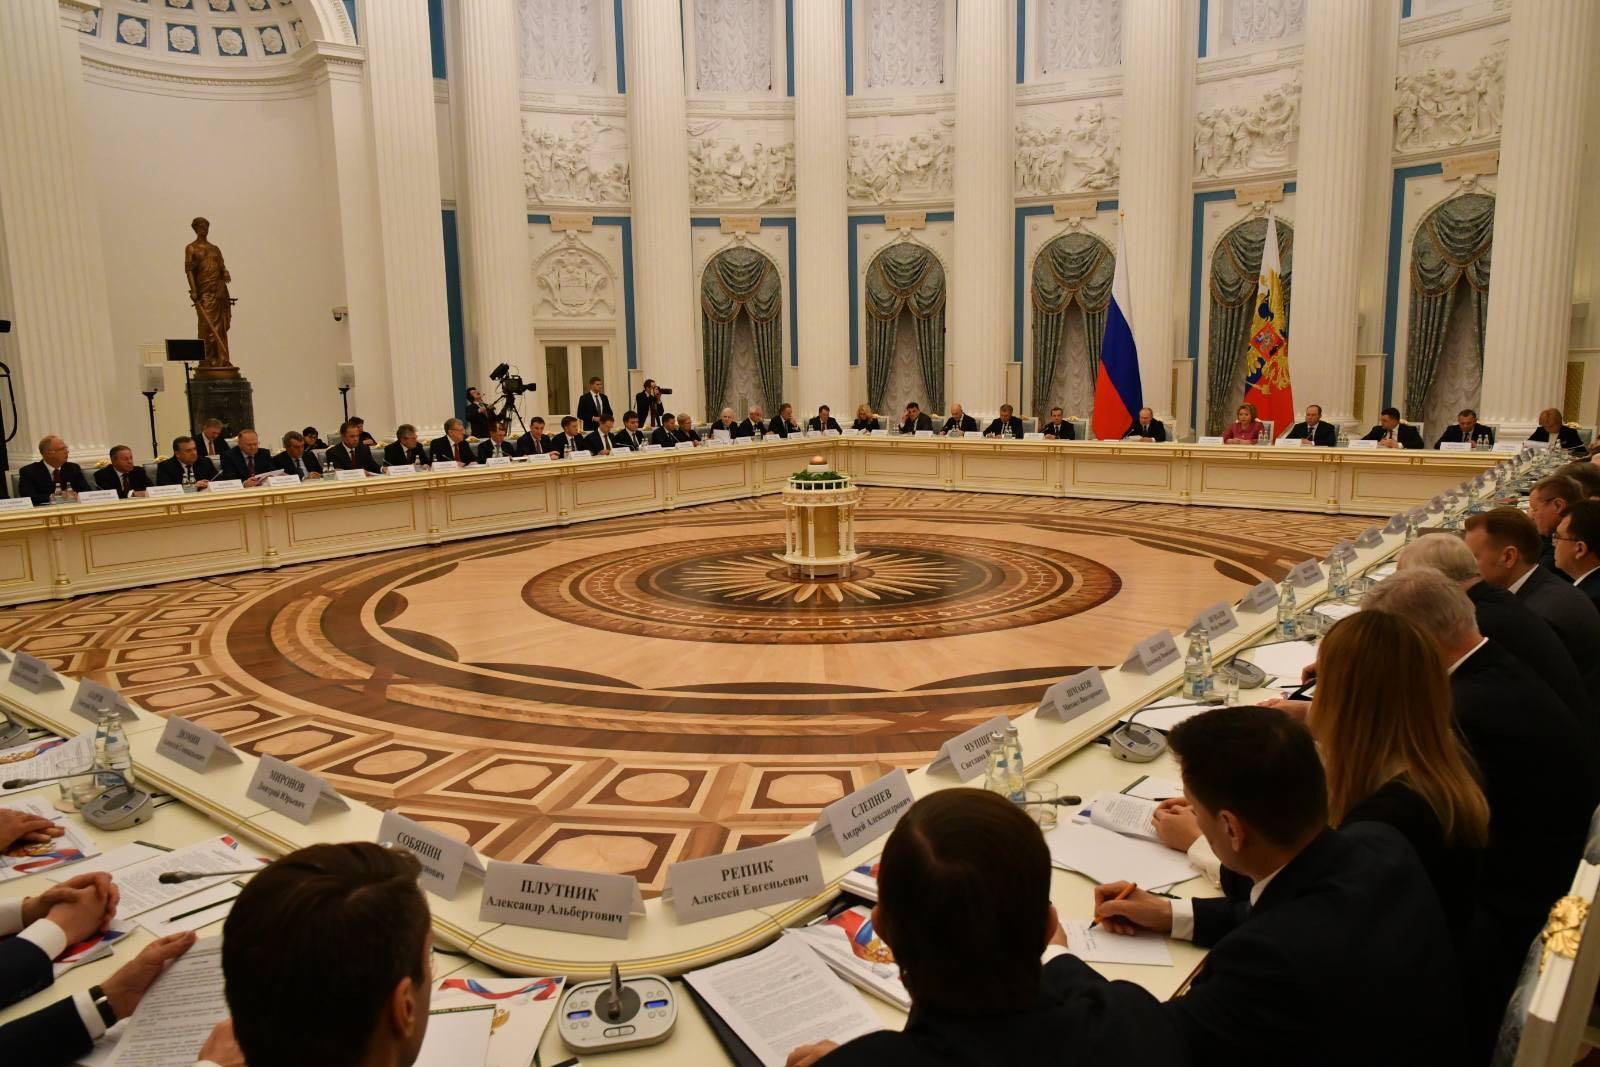 Итоги первого года реализации нацпроектов обсудили на Совете при Президенте РФ